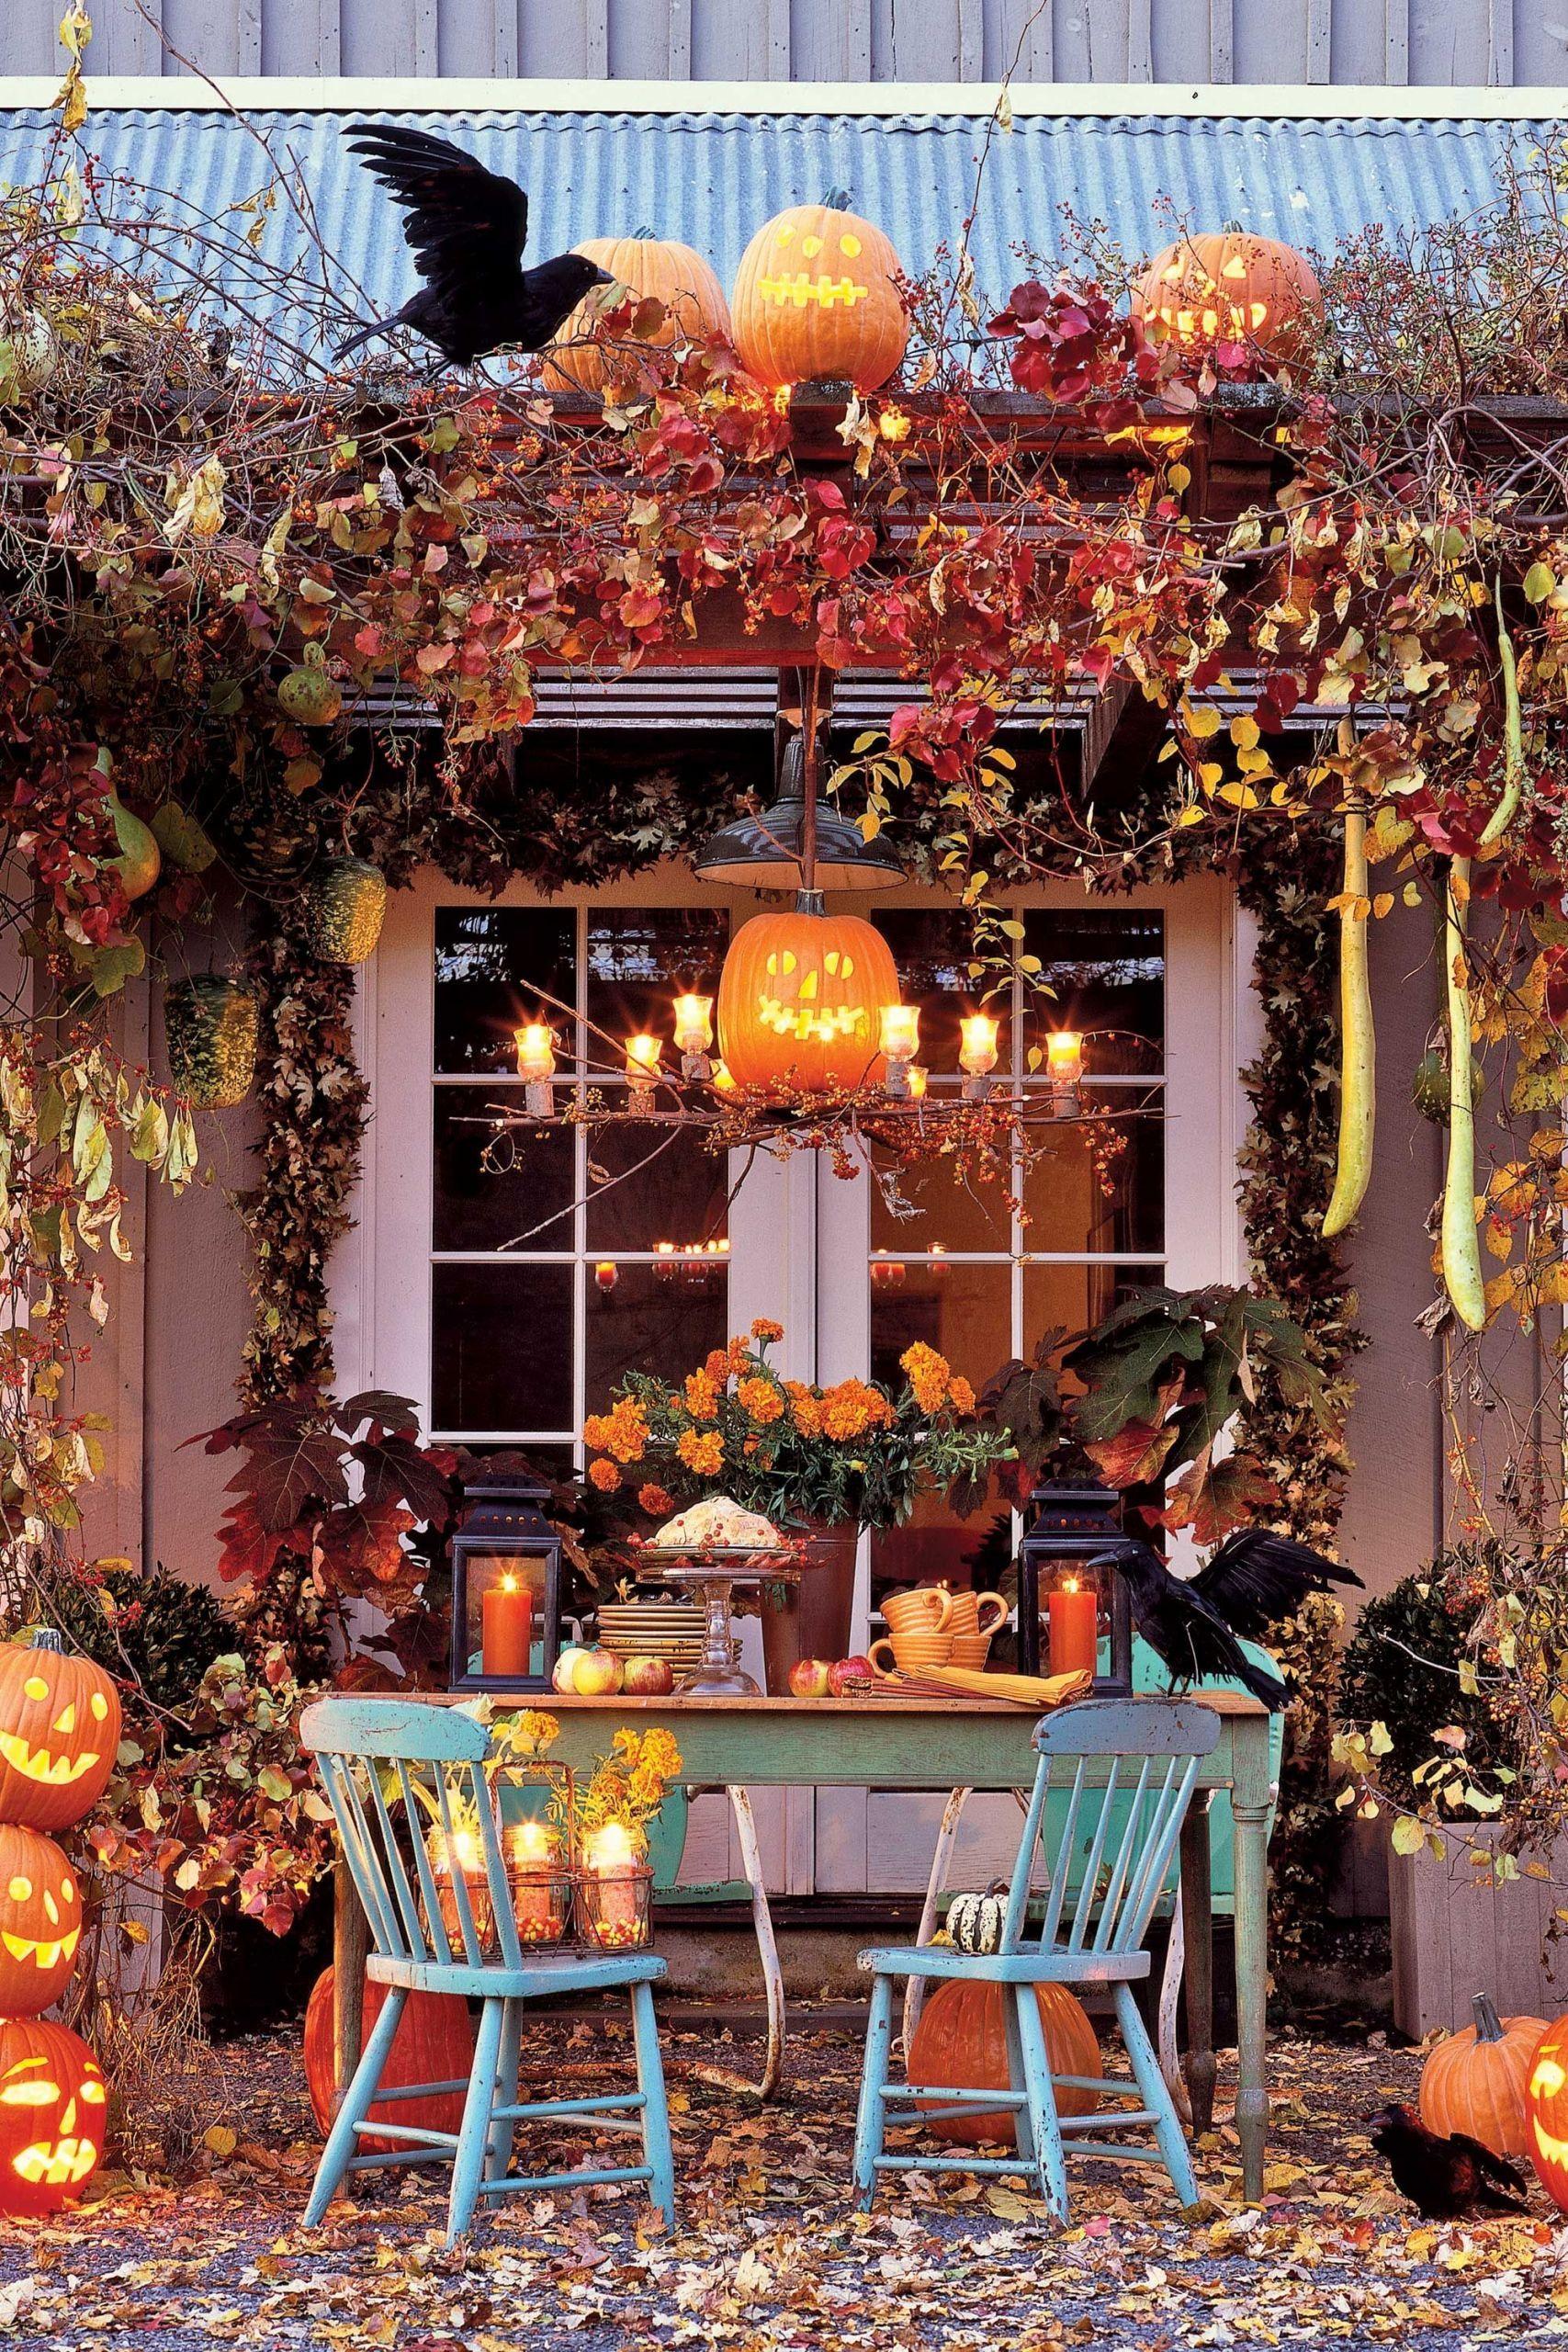 55 Best Outdoor Halloween Decorations To Spellbind Every Fall Front Door Decorations For Halloween D Front Door Fall Decor Halloween Diy Outdoor Fall Decor Diy